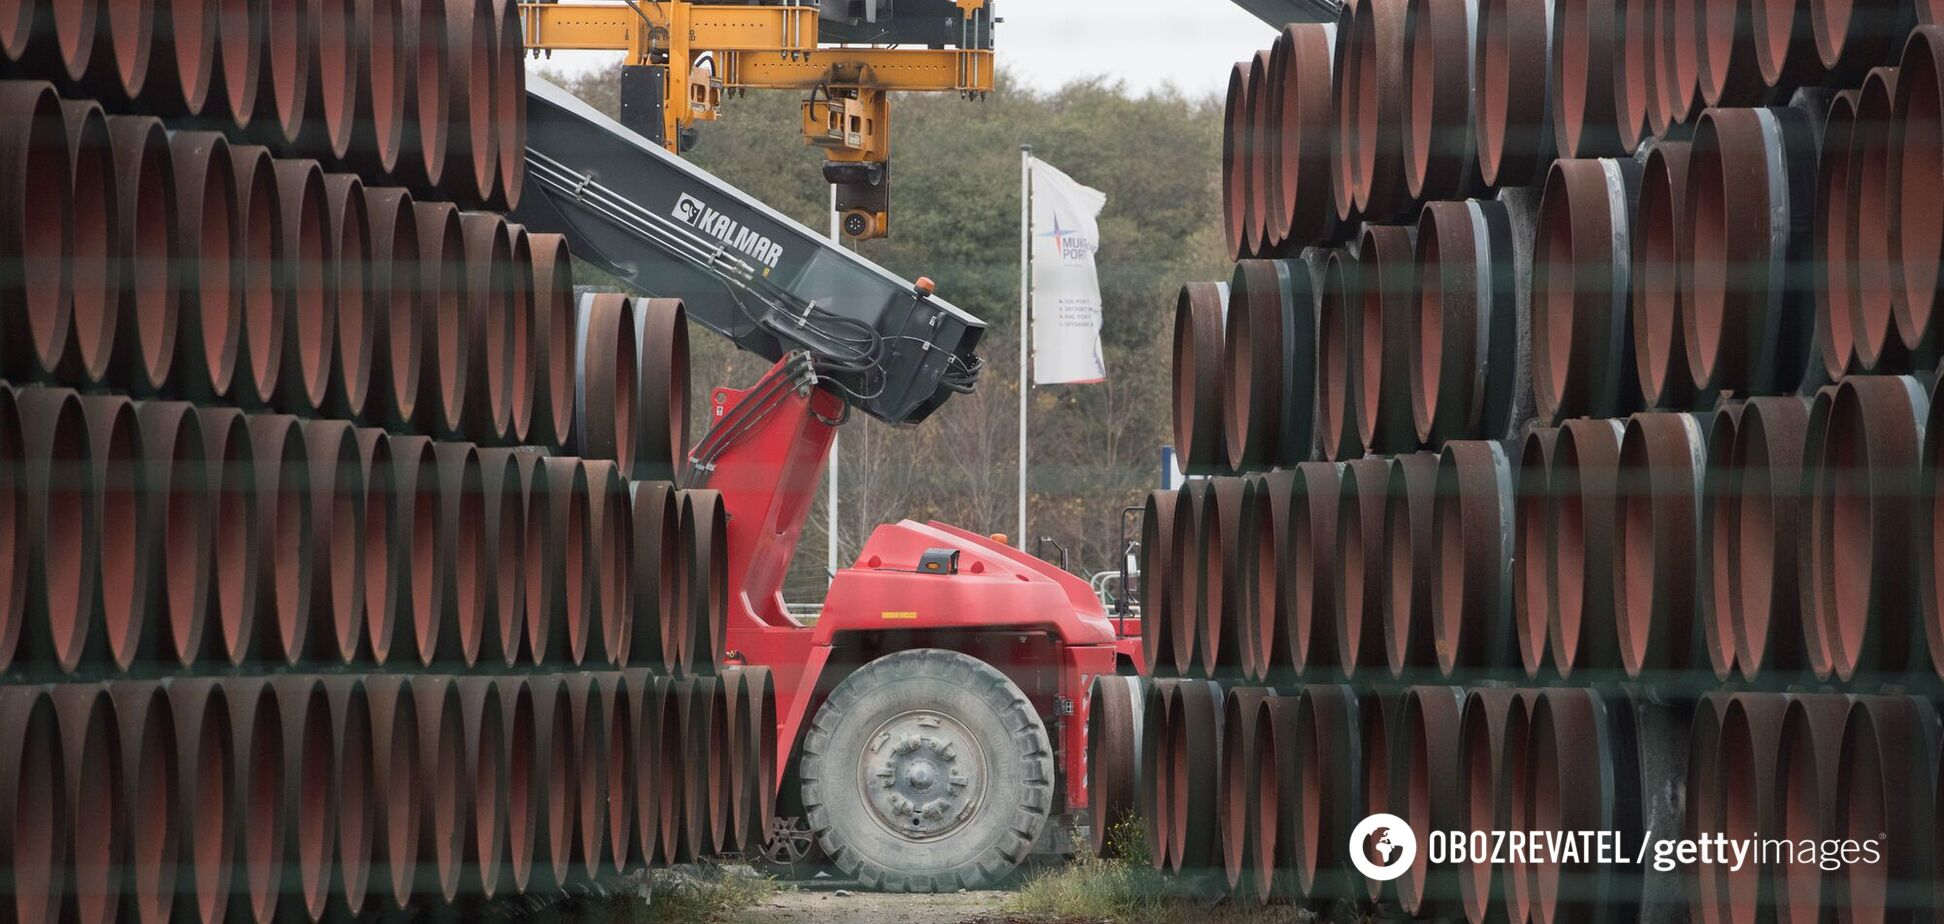 Шмыгаль: у США жесткая позиция по 'Северному потоку-2' и они на стороне Украины